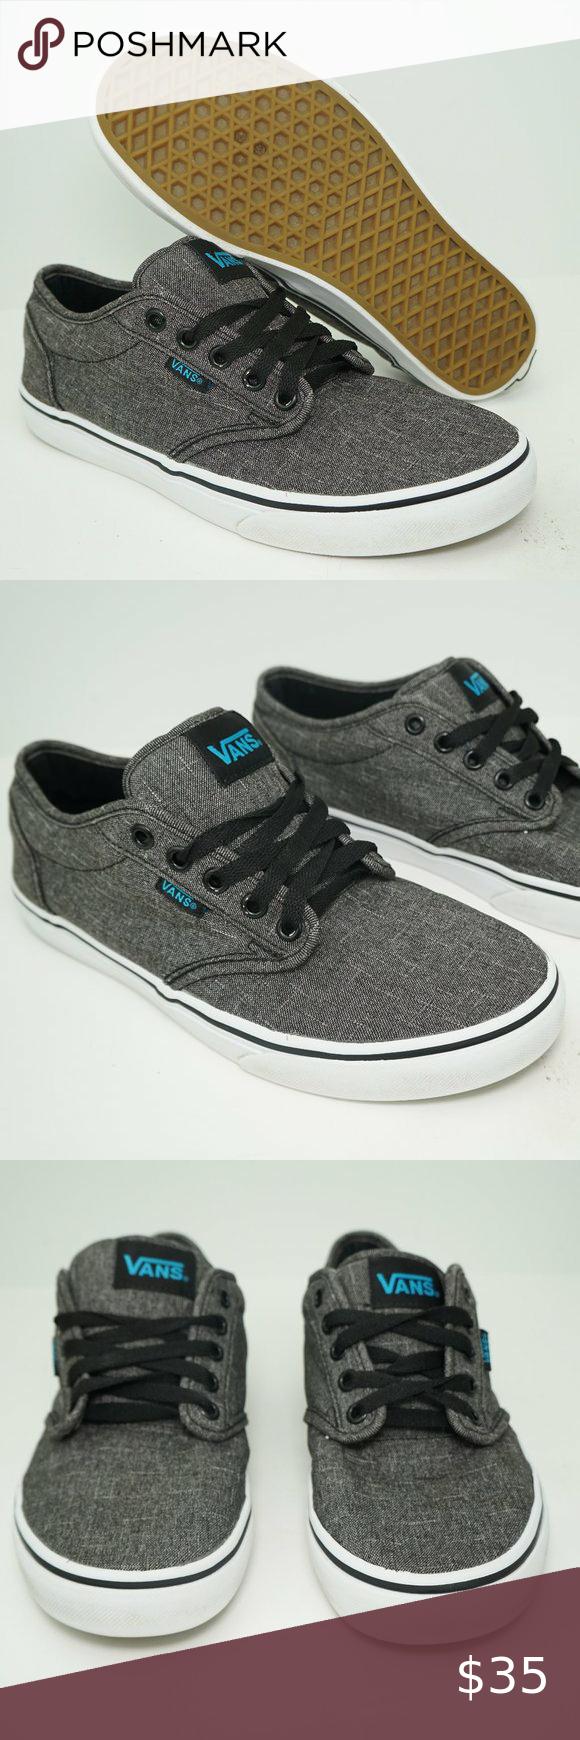 Men's Vans Skate Shoes (5000200) Size 7